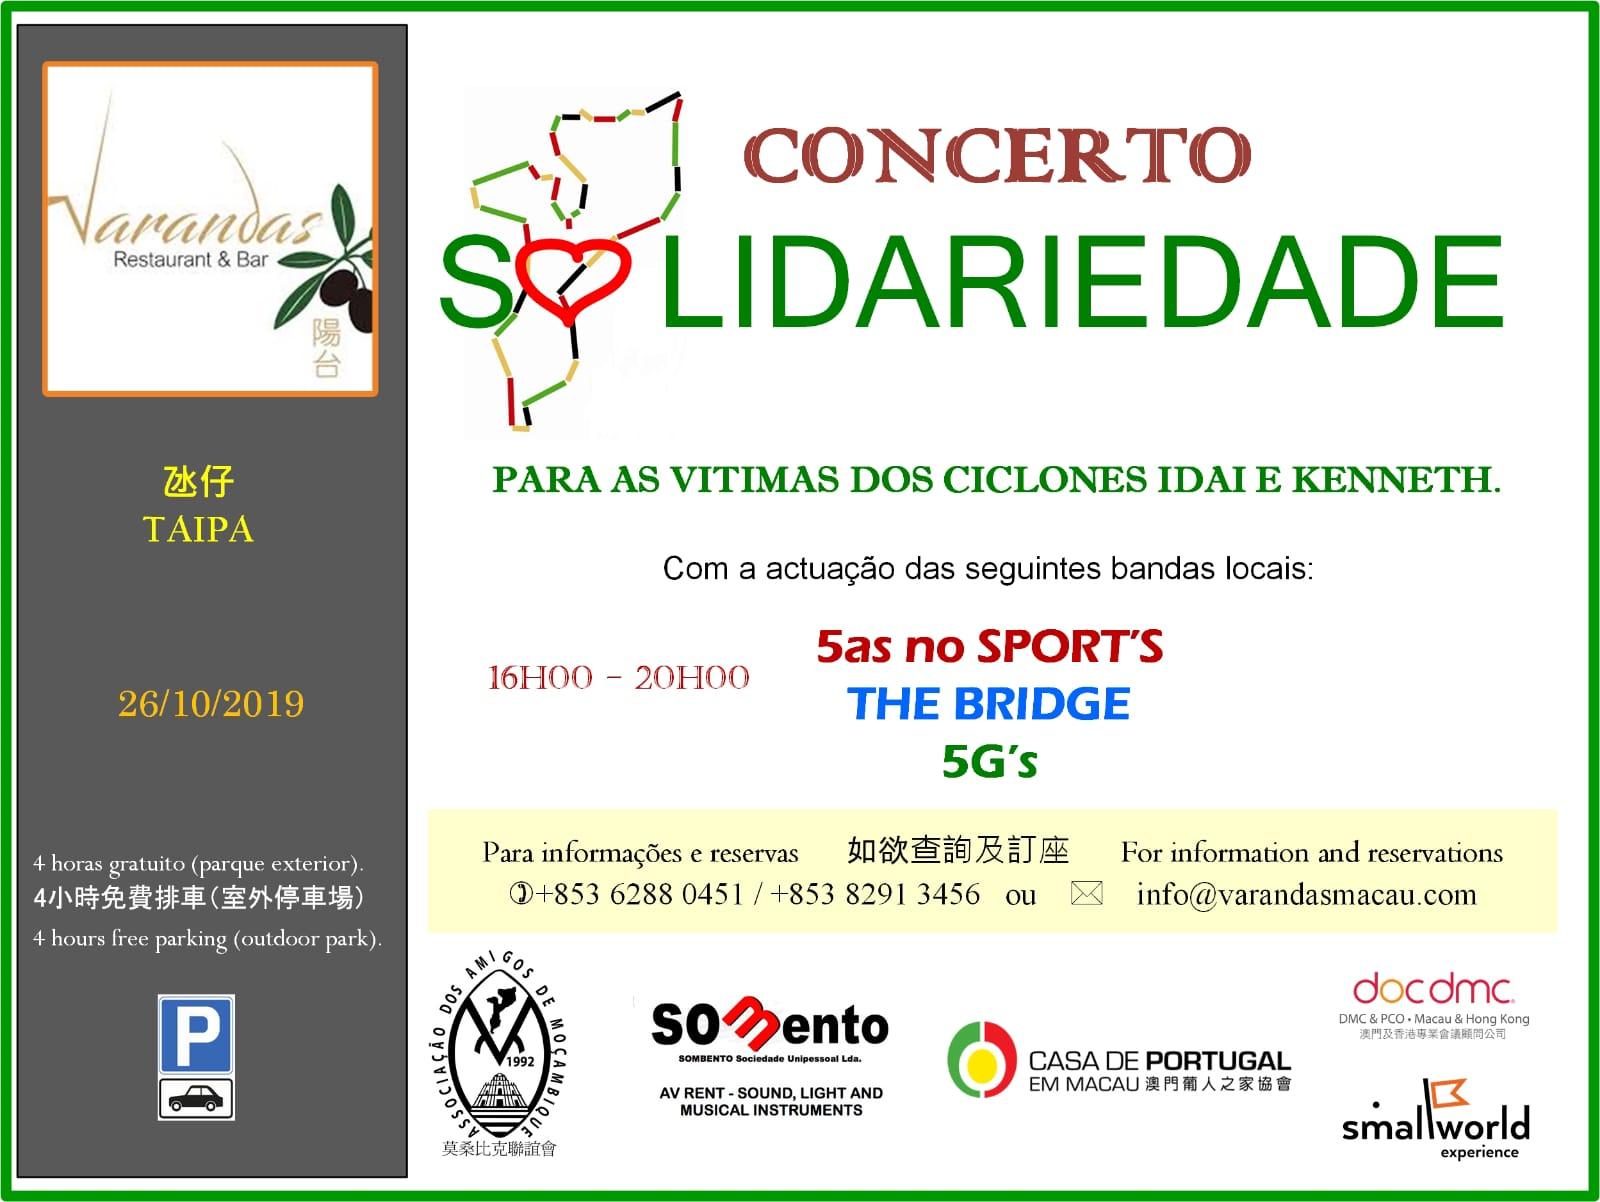 Taipa | Concerto solidário por vítimas dos ciclones em Moçambique